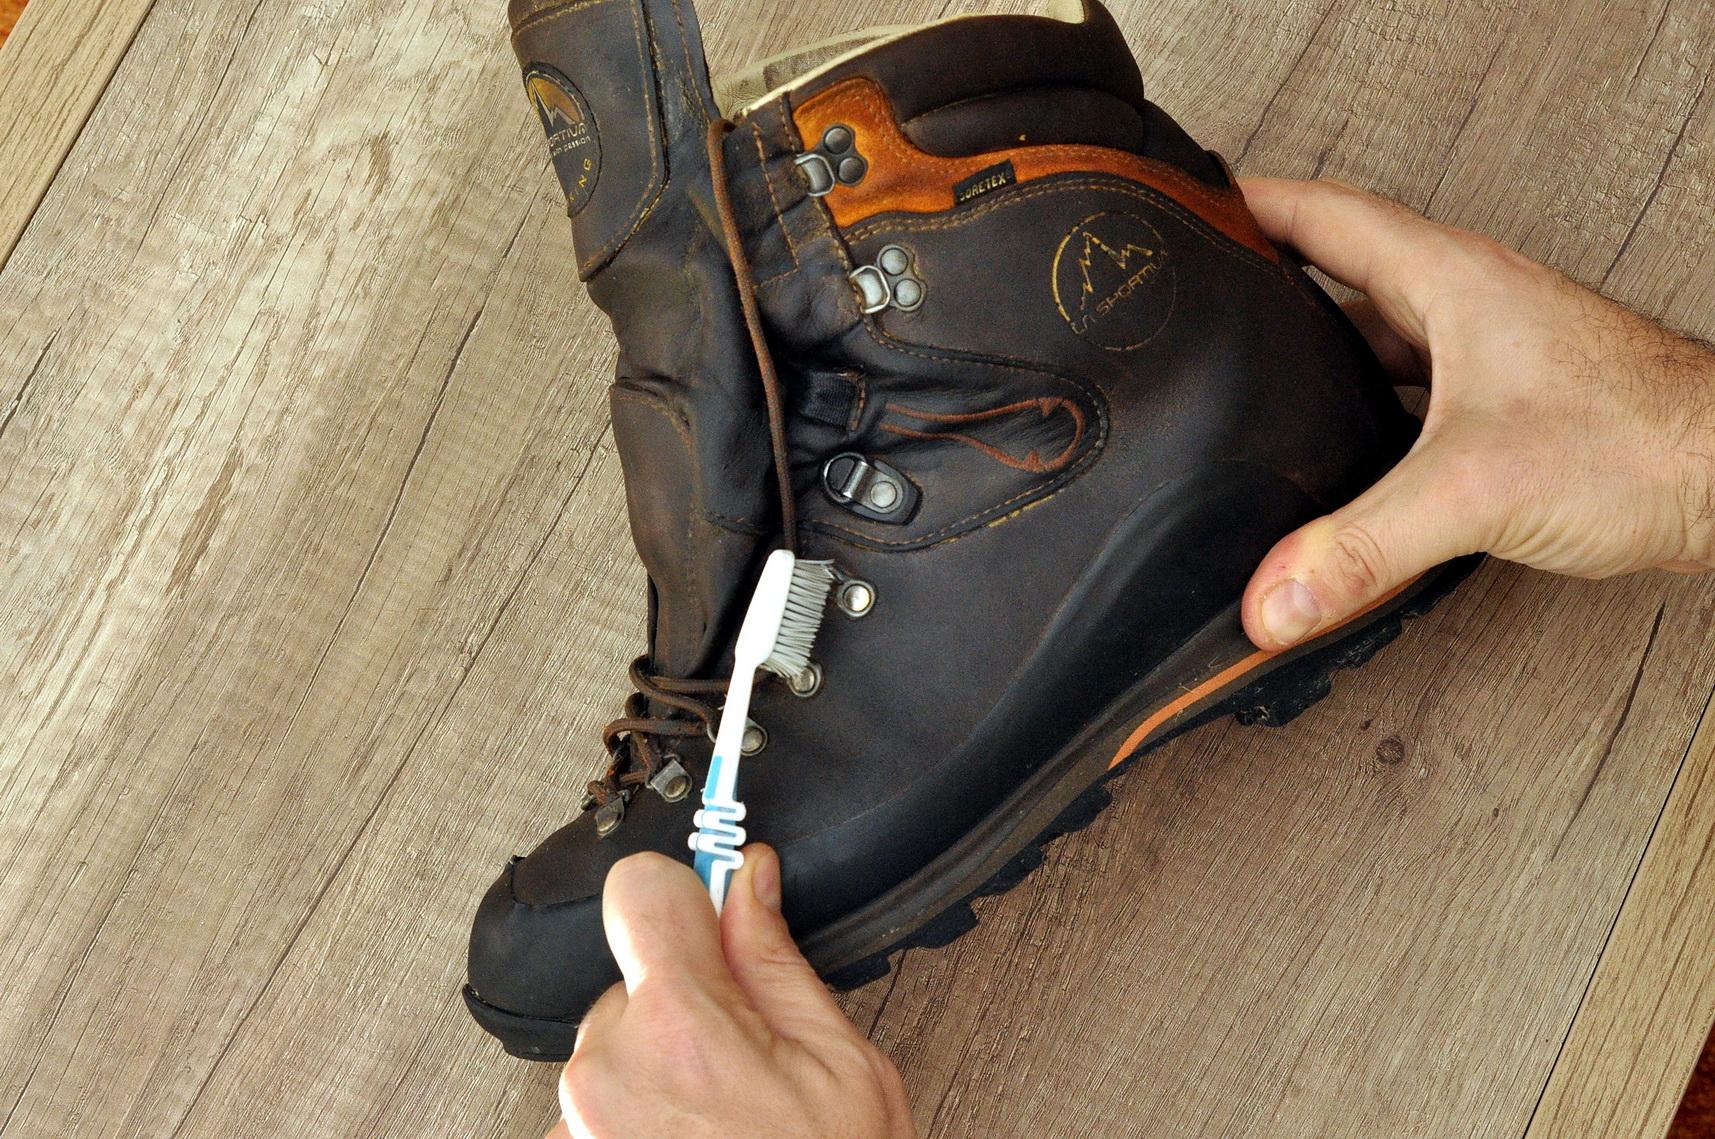 Egy már nem használt fogkefe jól jöhet az akasztók megtisztításakor Forrás: Paraferee - Mozgásvilág.hu